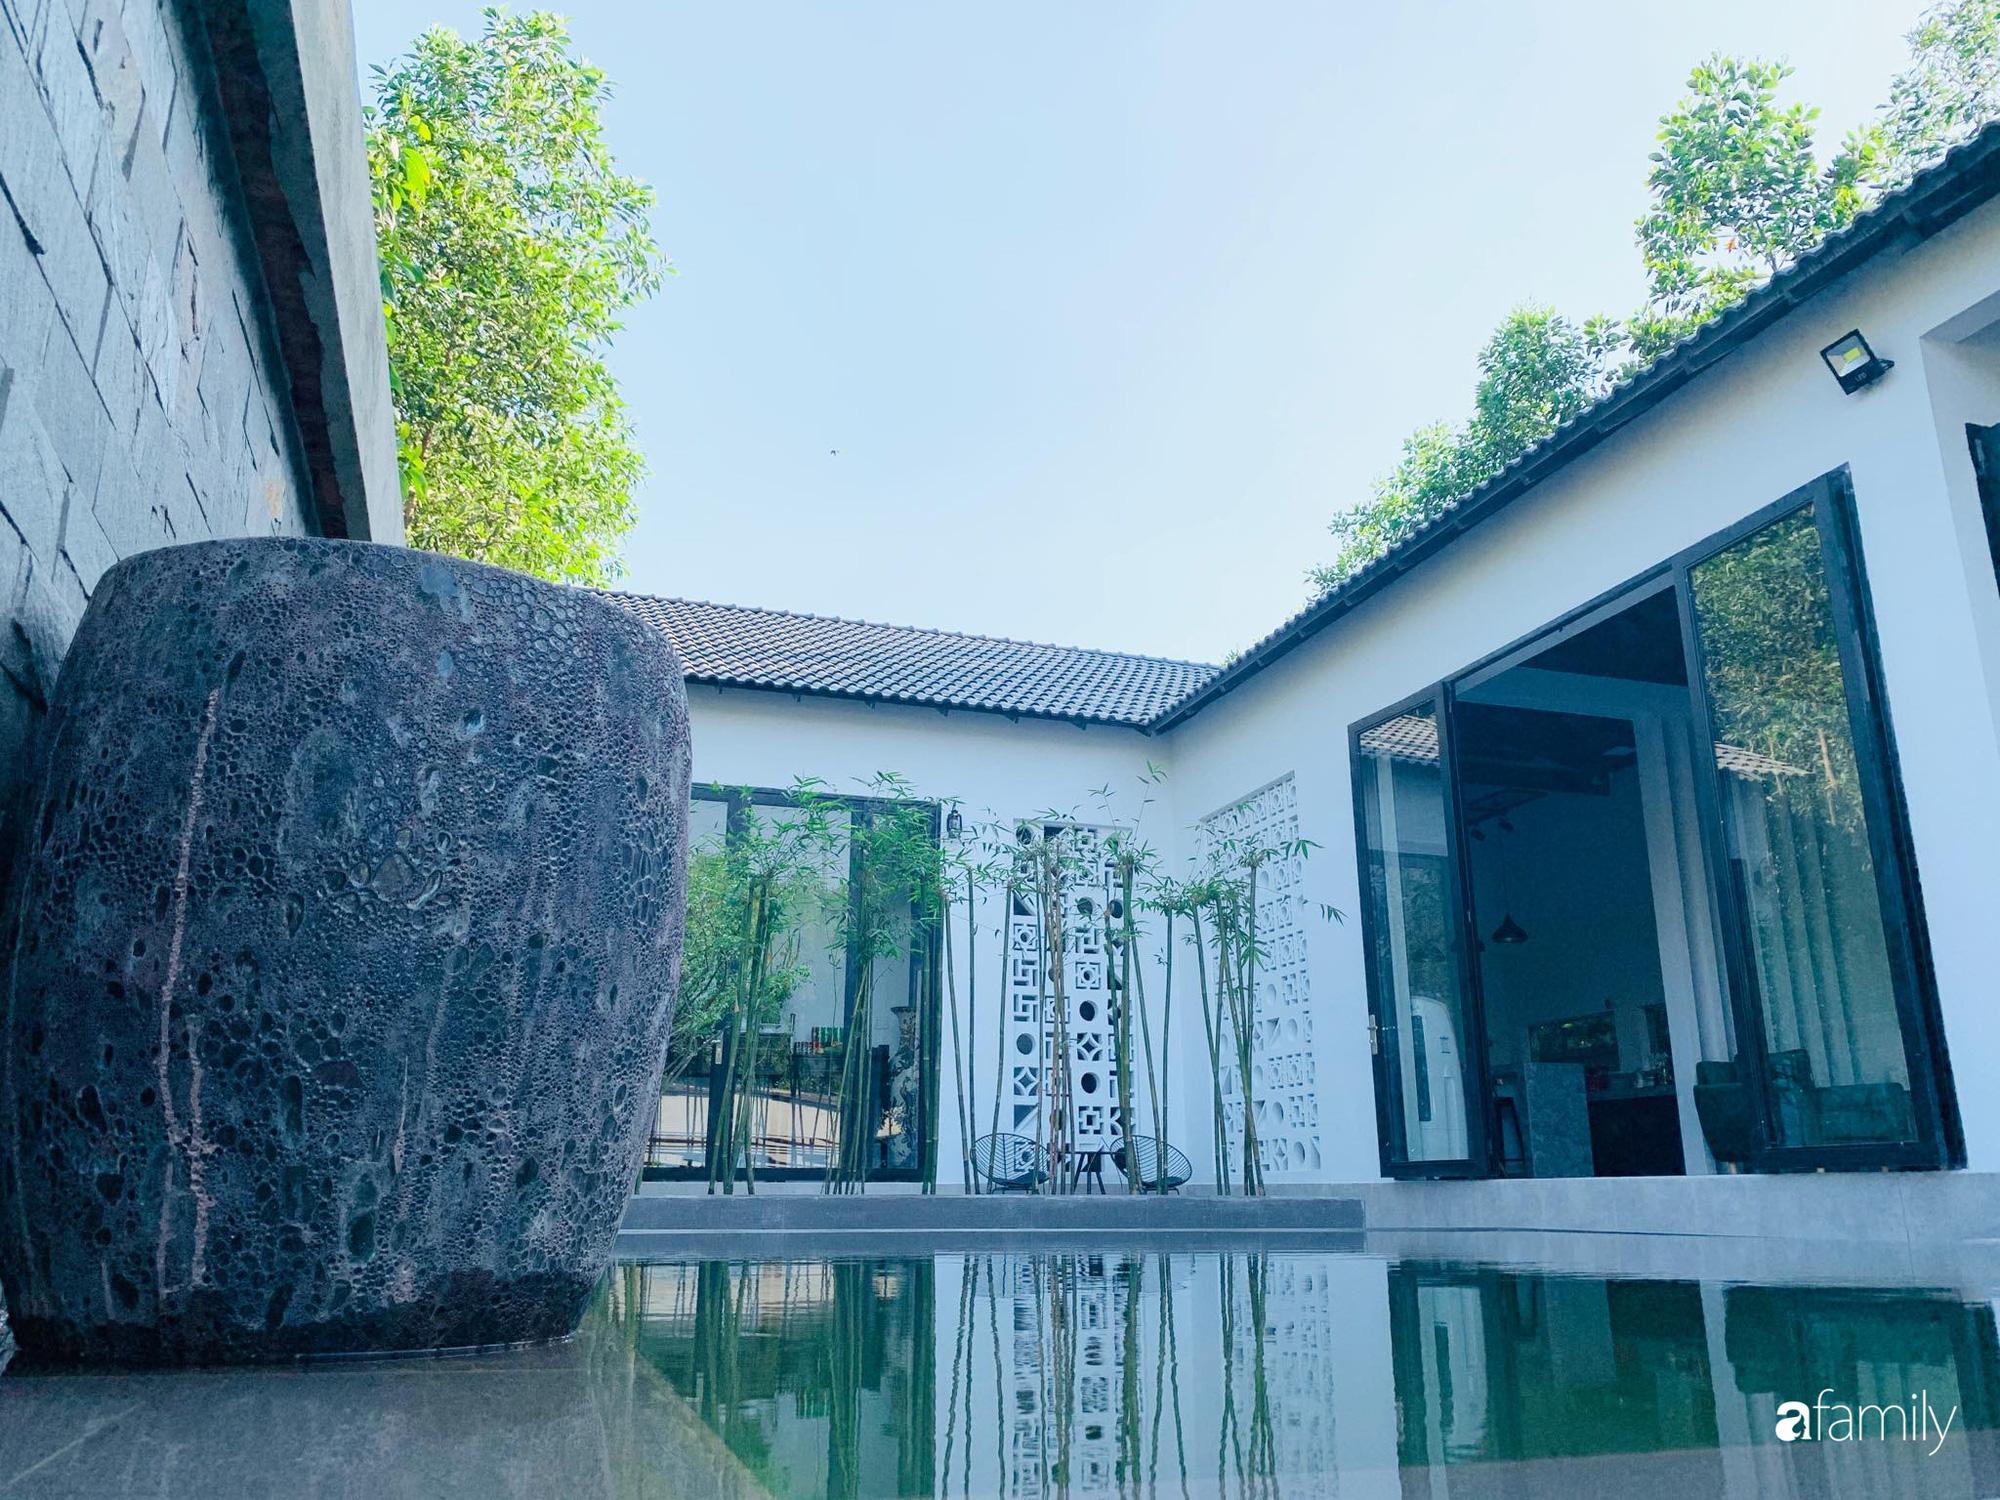 Ngôi nhà rộng 147m2 đẹp như resort củ chàng tri 24 tuổi ấp ủ hoàn thành ước mơ ở Tây Ninh - Ảnh 7.